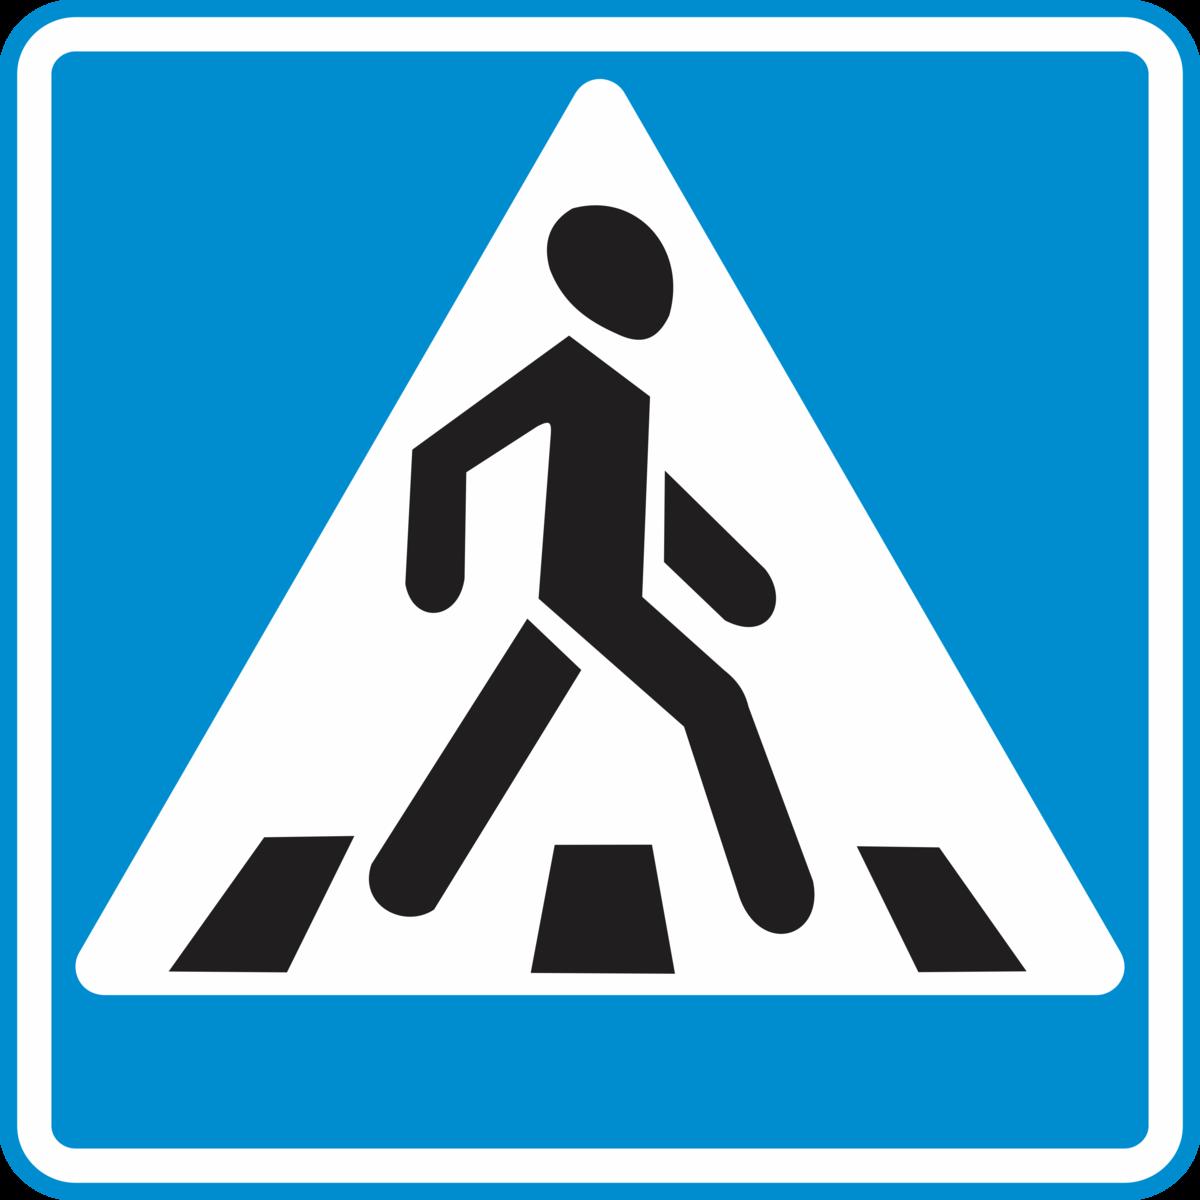 Дорожные знаки в рк картинки